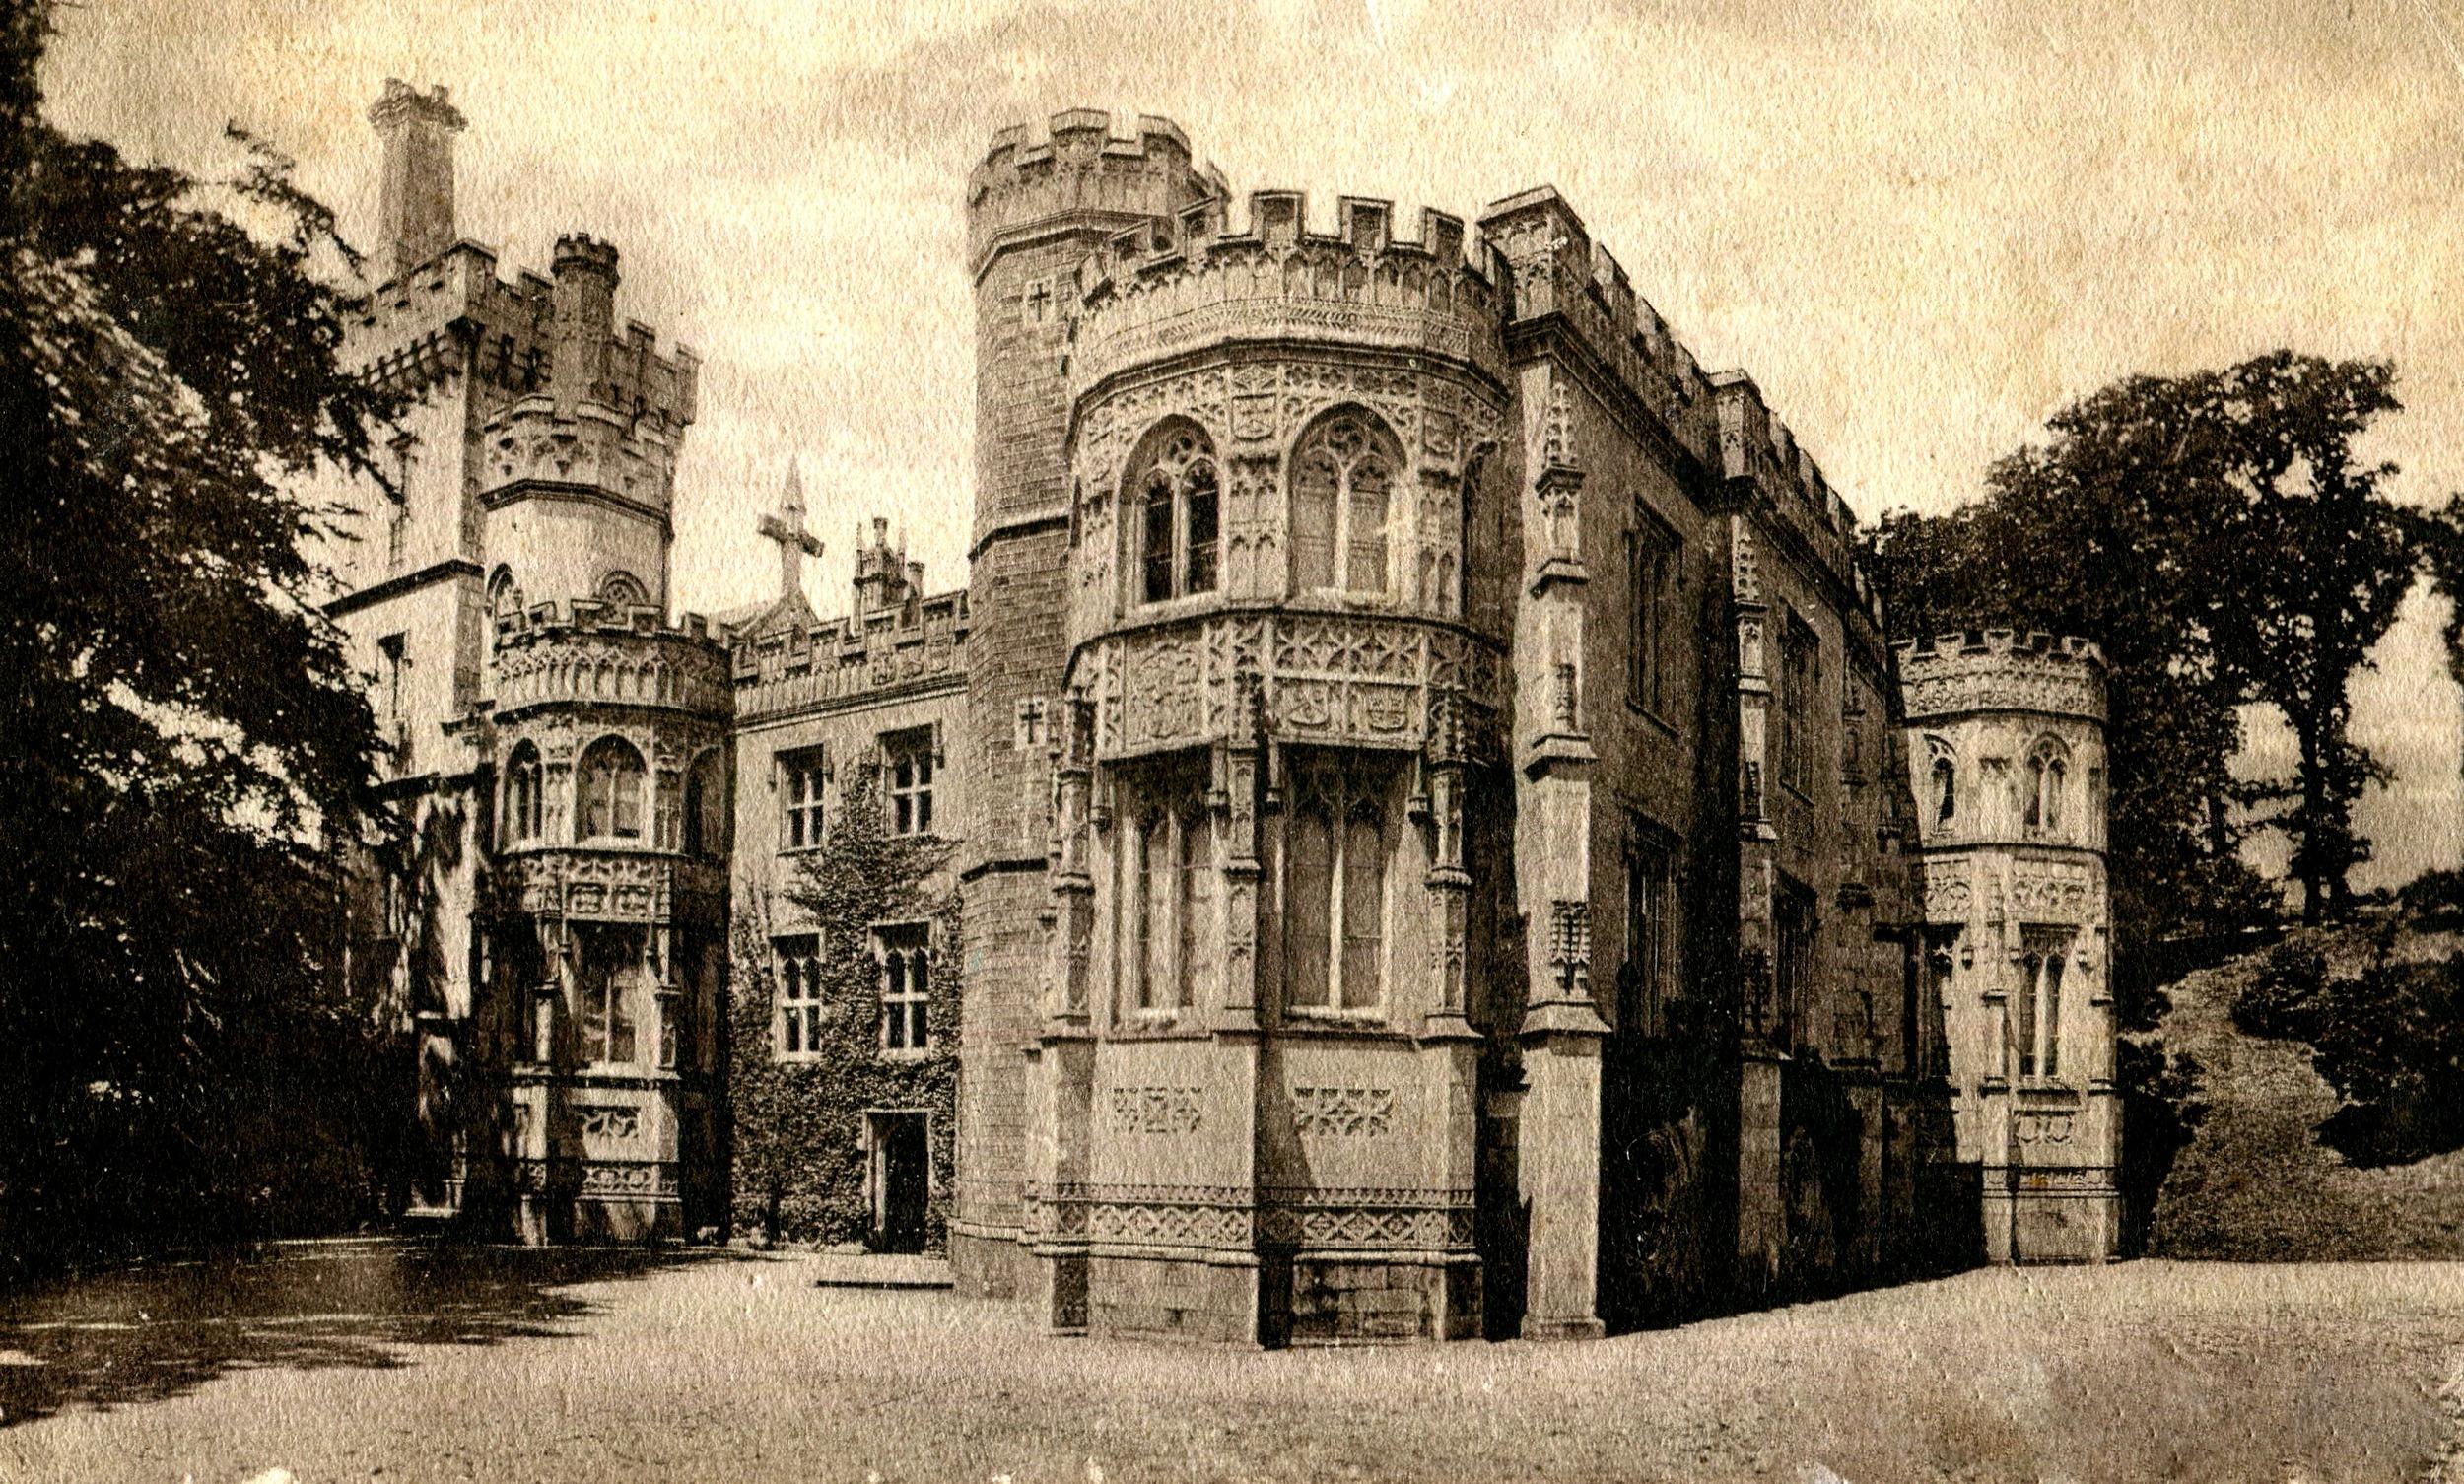 Place Castle, England